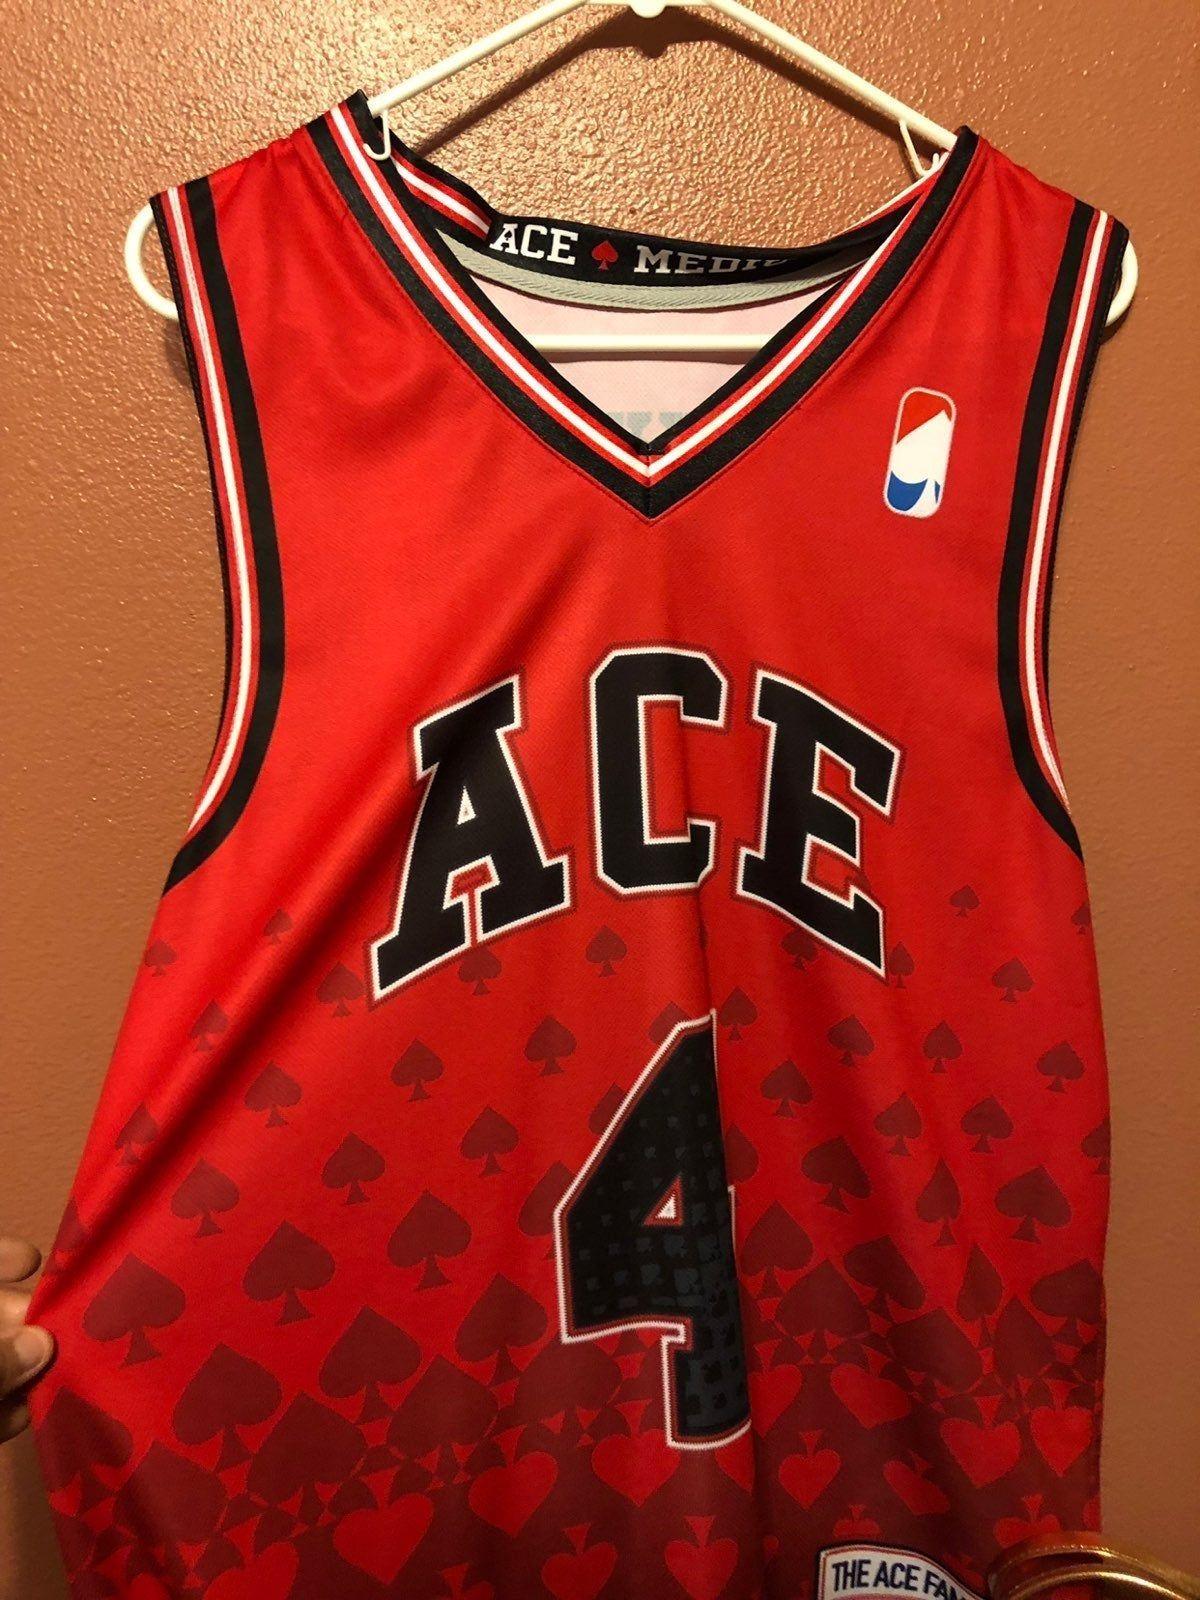 Ace Family Jersey | Ace family, Ace, Jersey